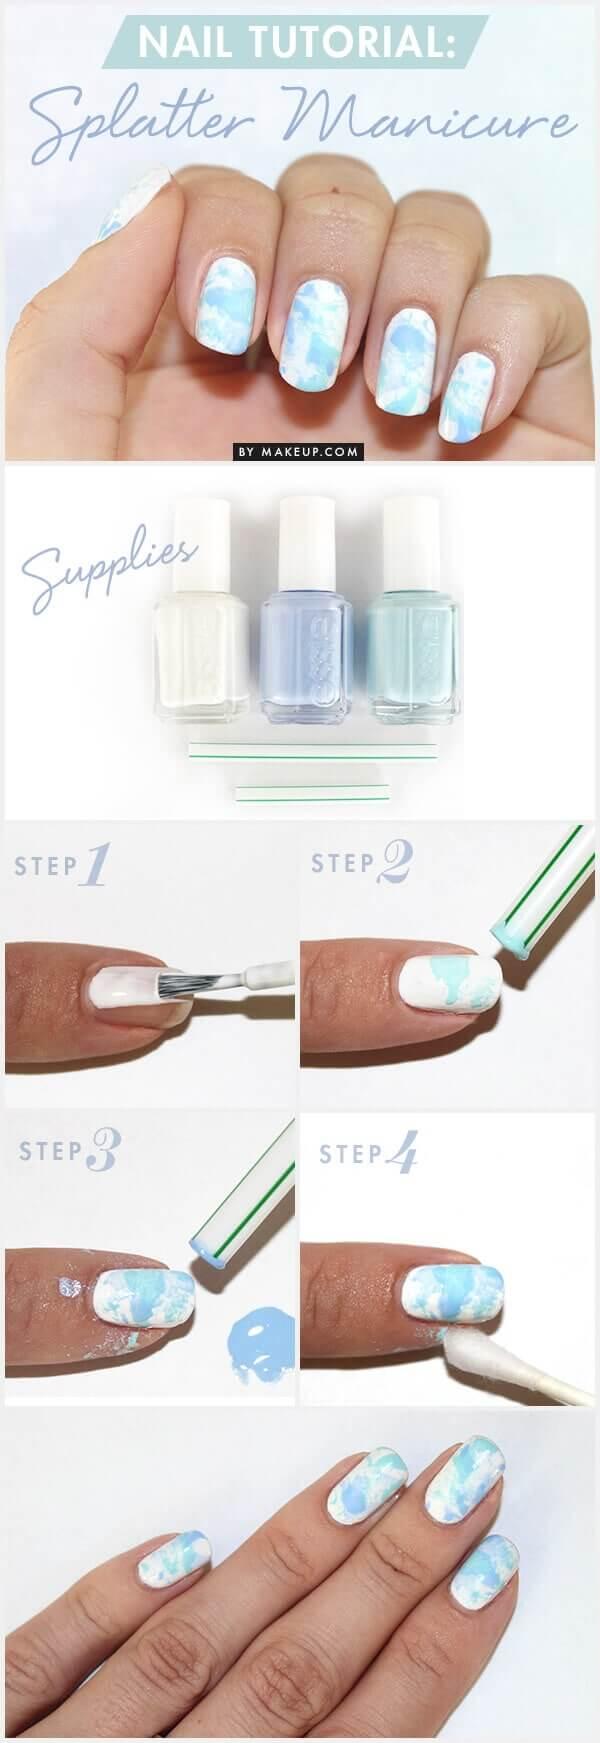 Niedliche Coole Und Einfache Nailart Ideen Die Deine Nägel Verzaubern